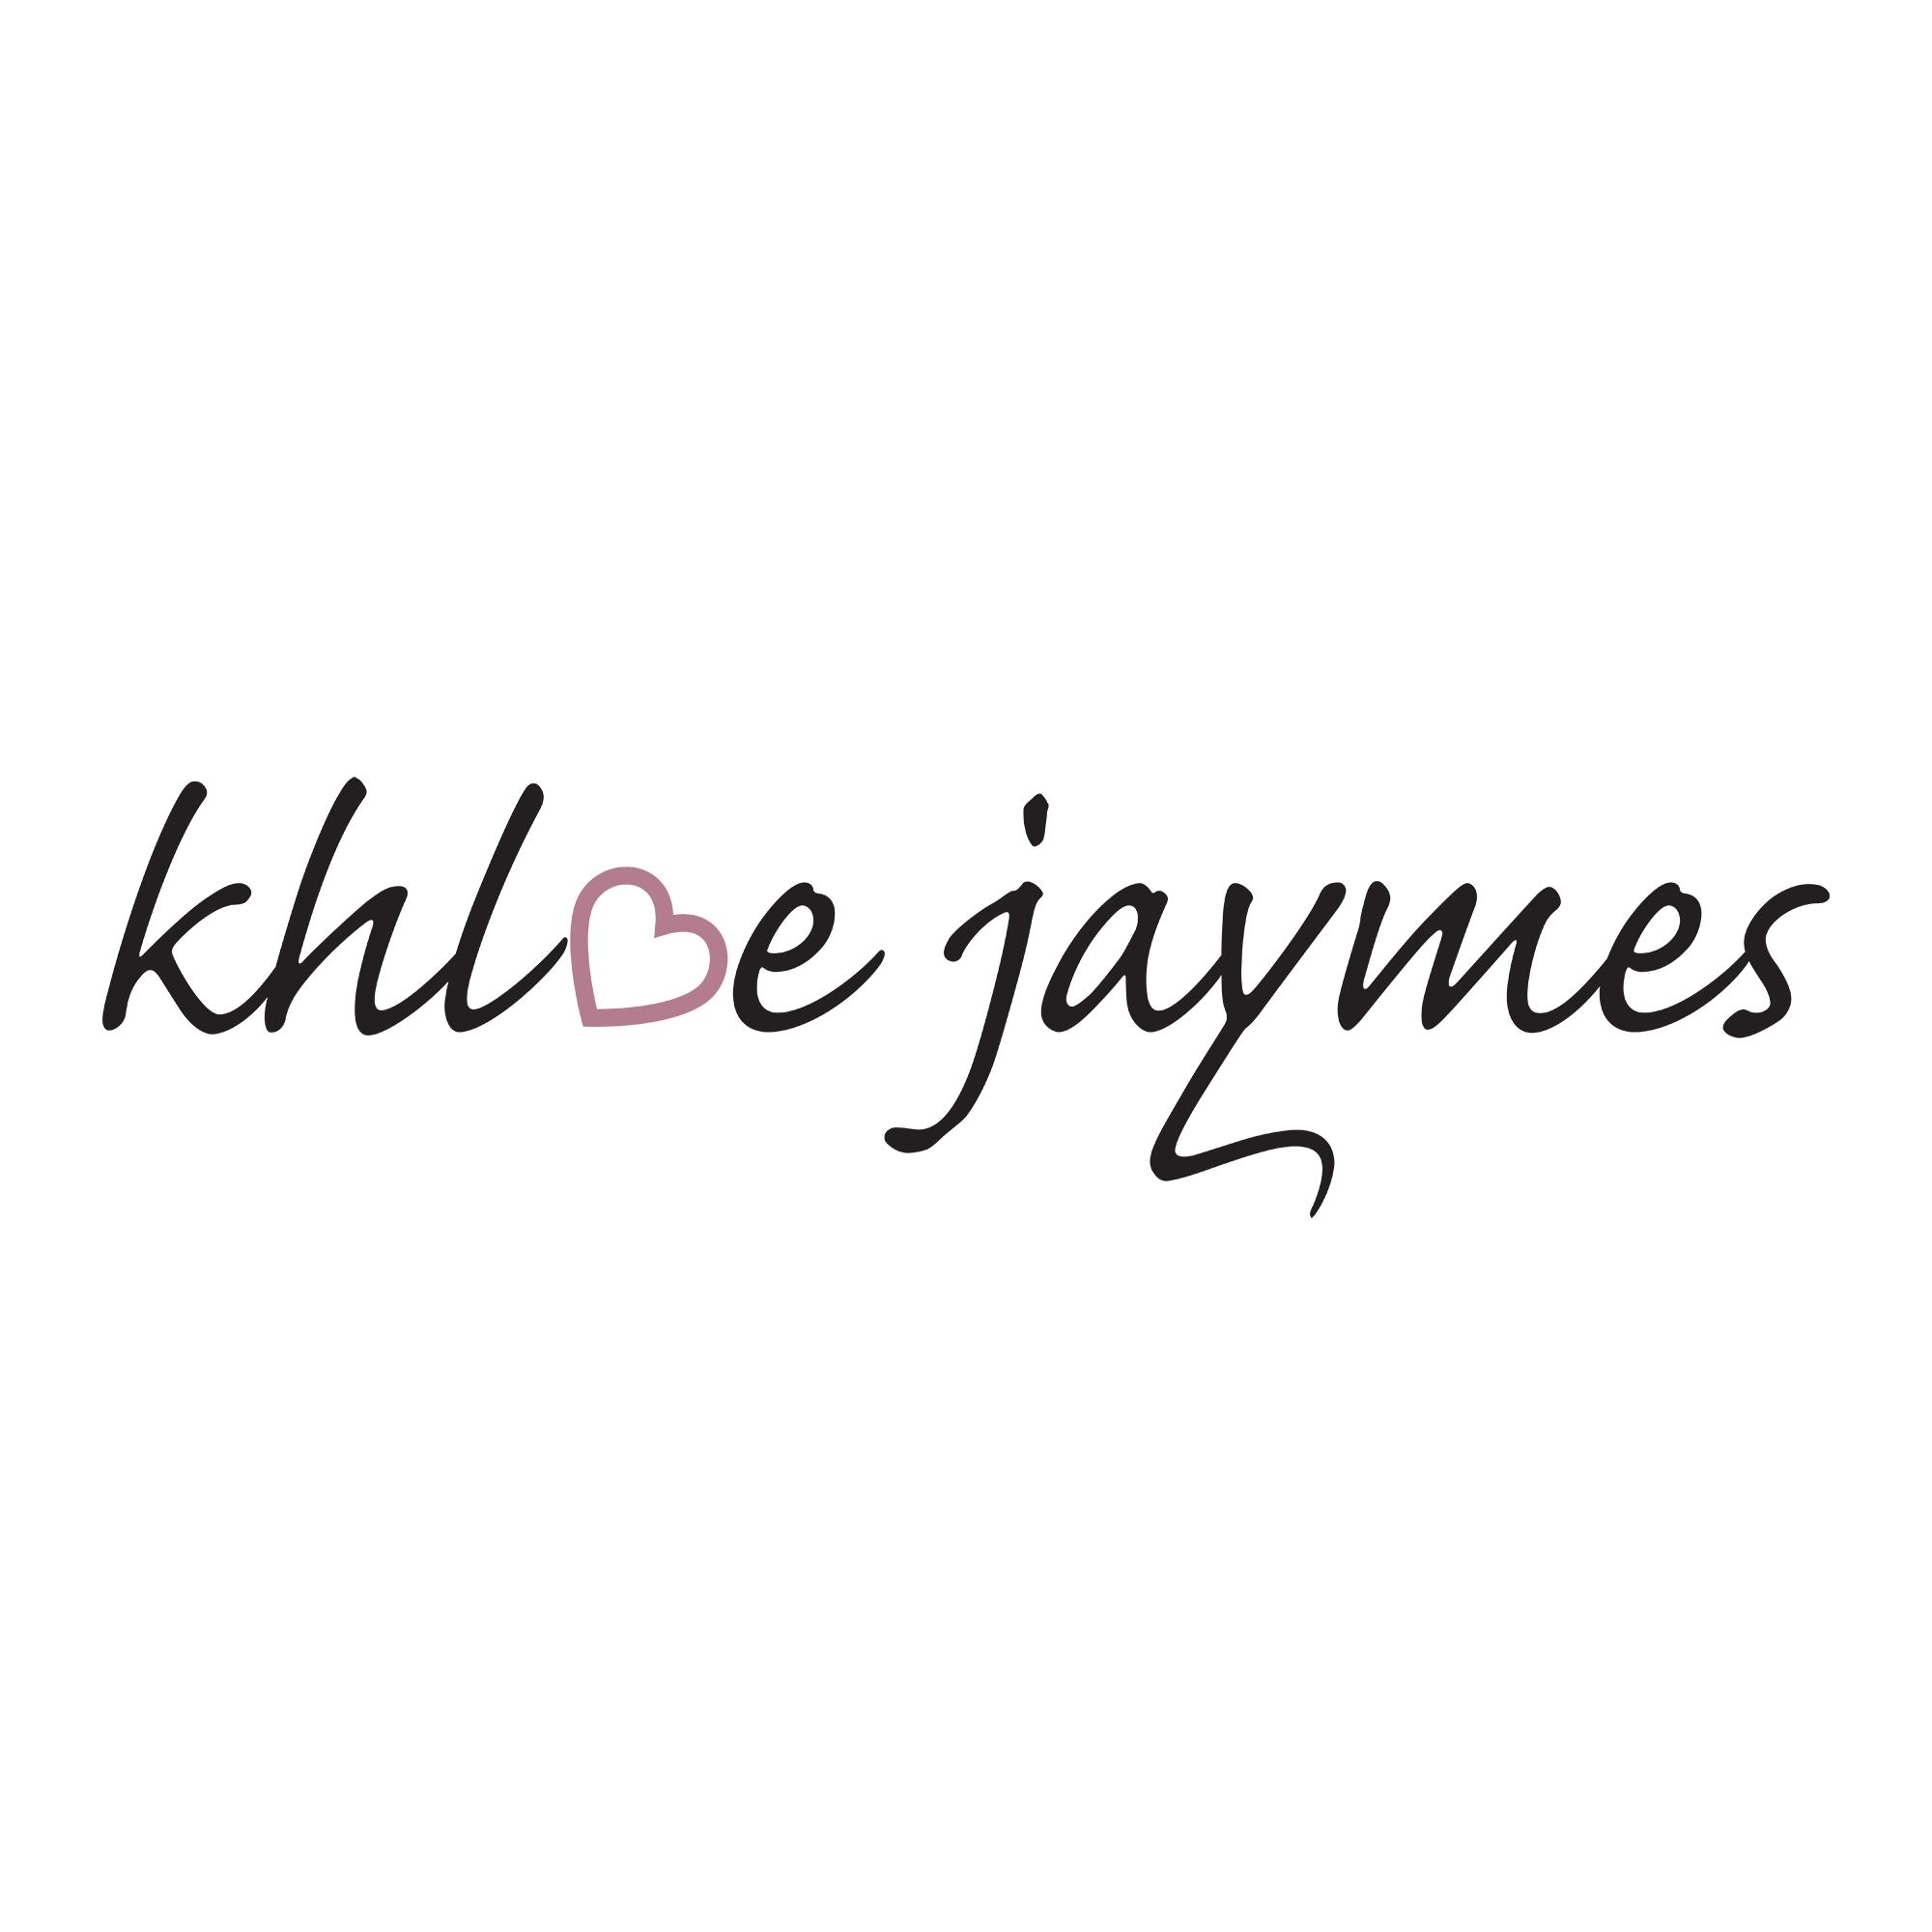 Khloe Jaymes